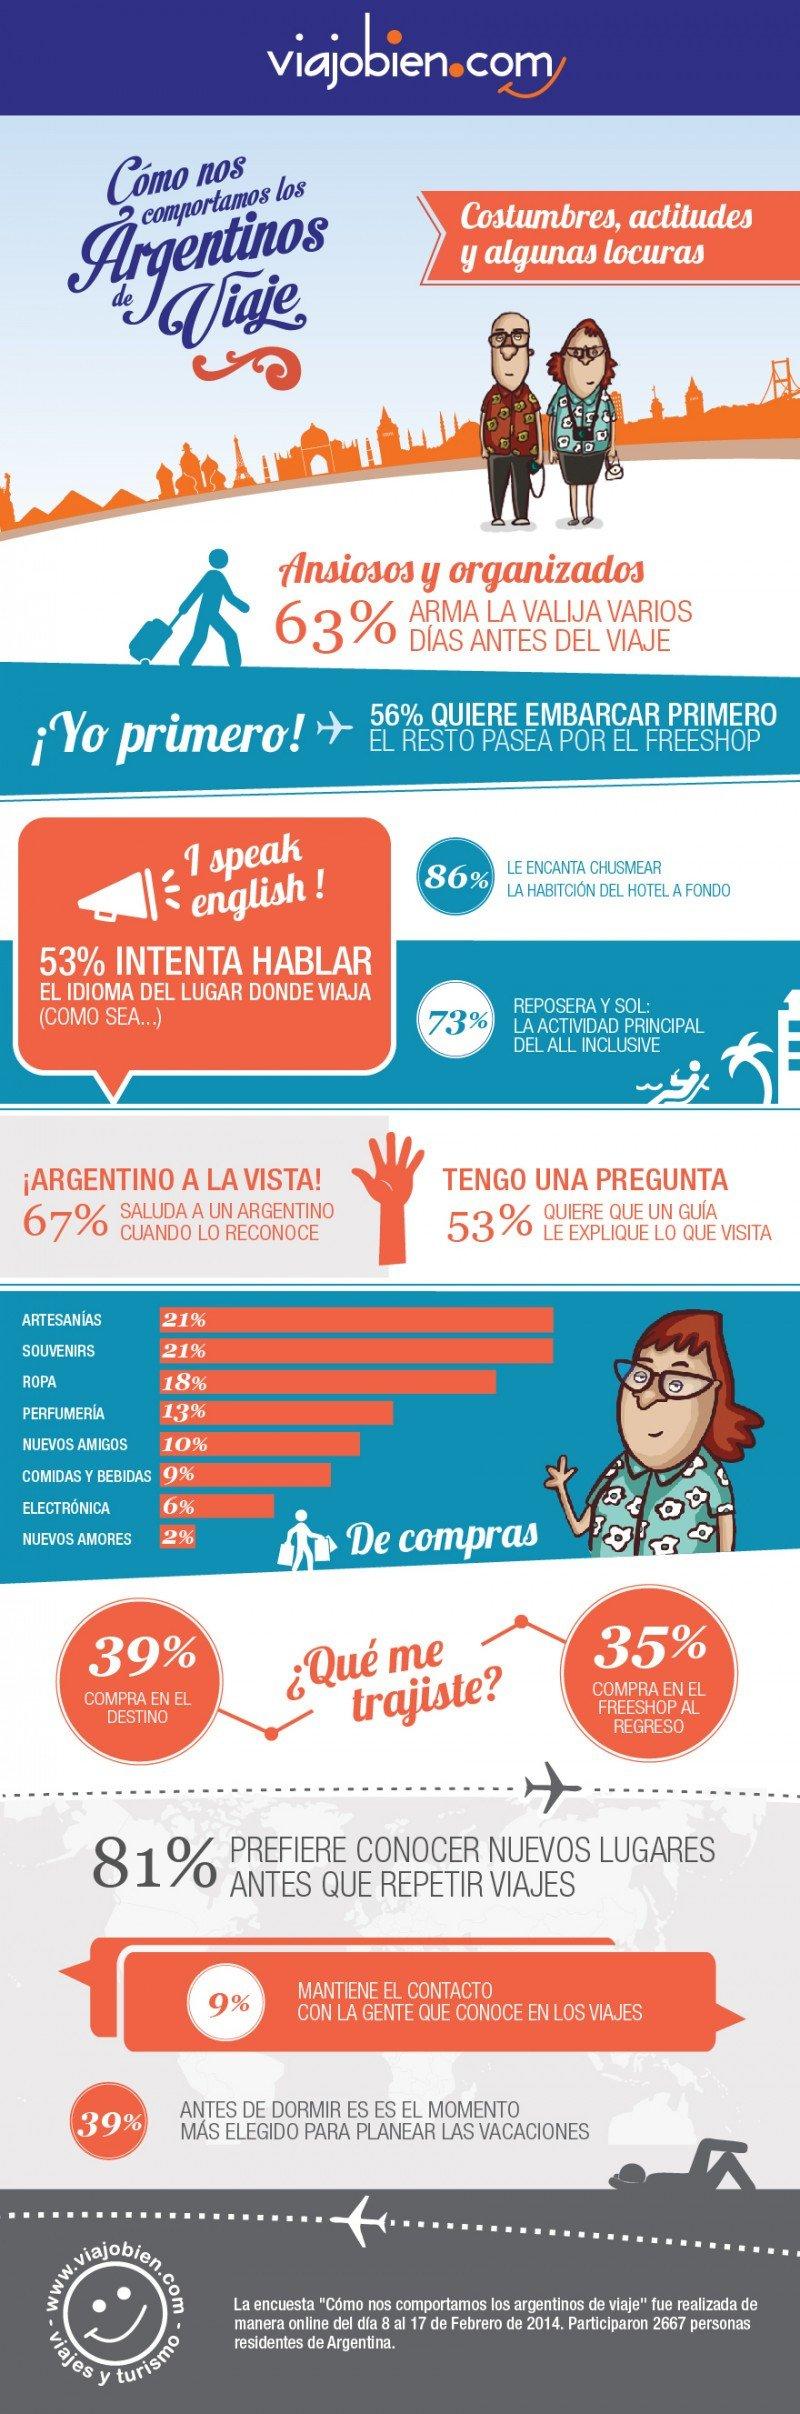 Infografía: ¿cómo son los argentinos de viaje?